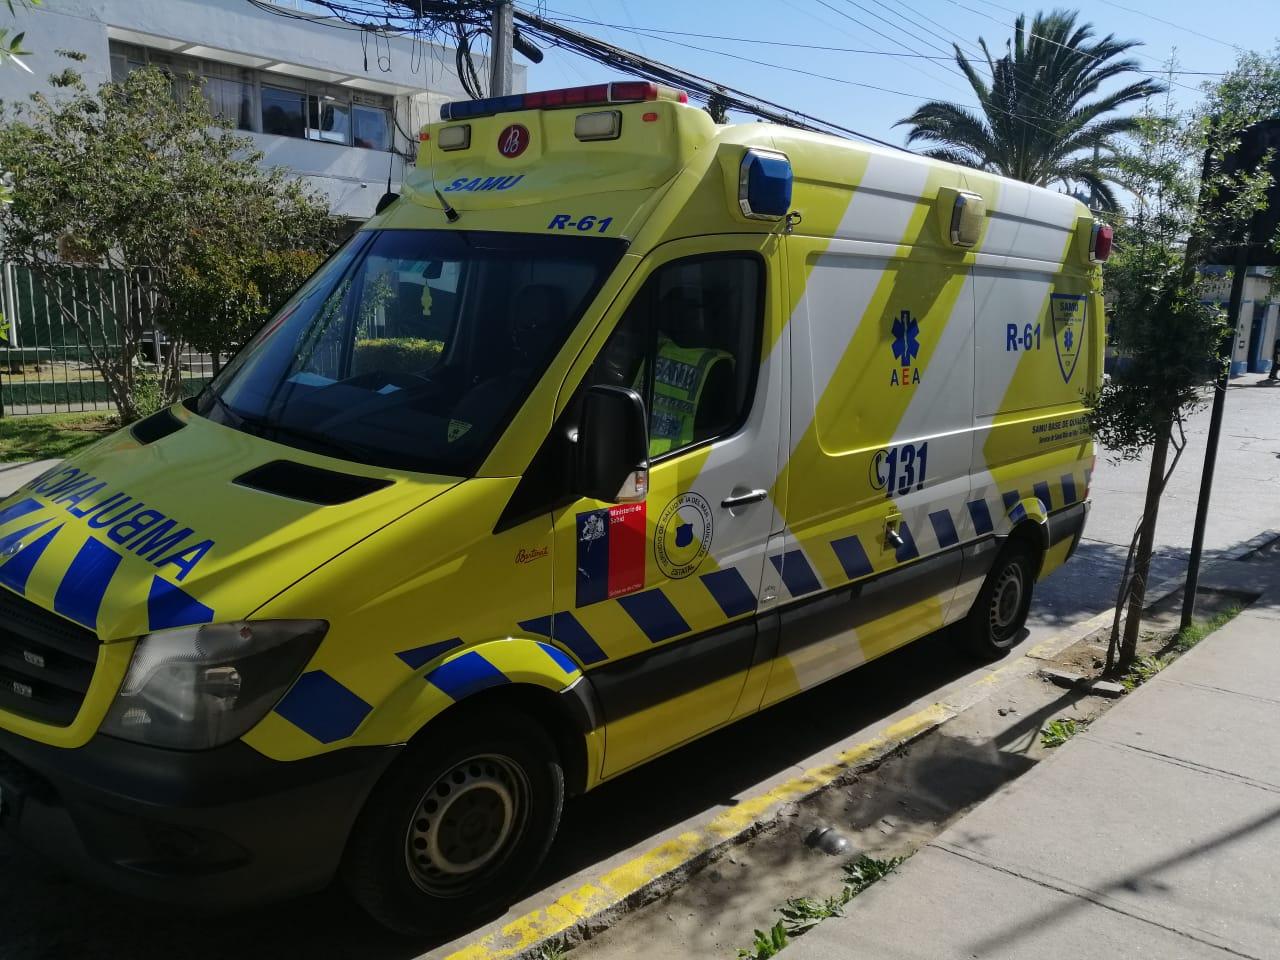 Desconocidos dañaron un ambulancia con piedrazos y patadas en Quillota - El Observador